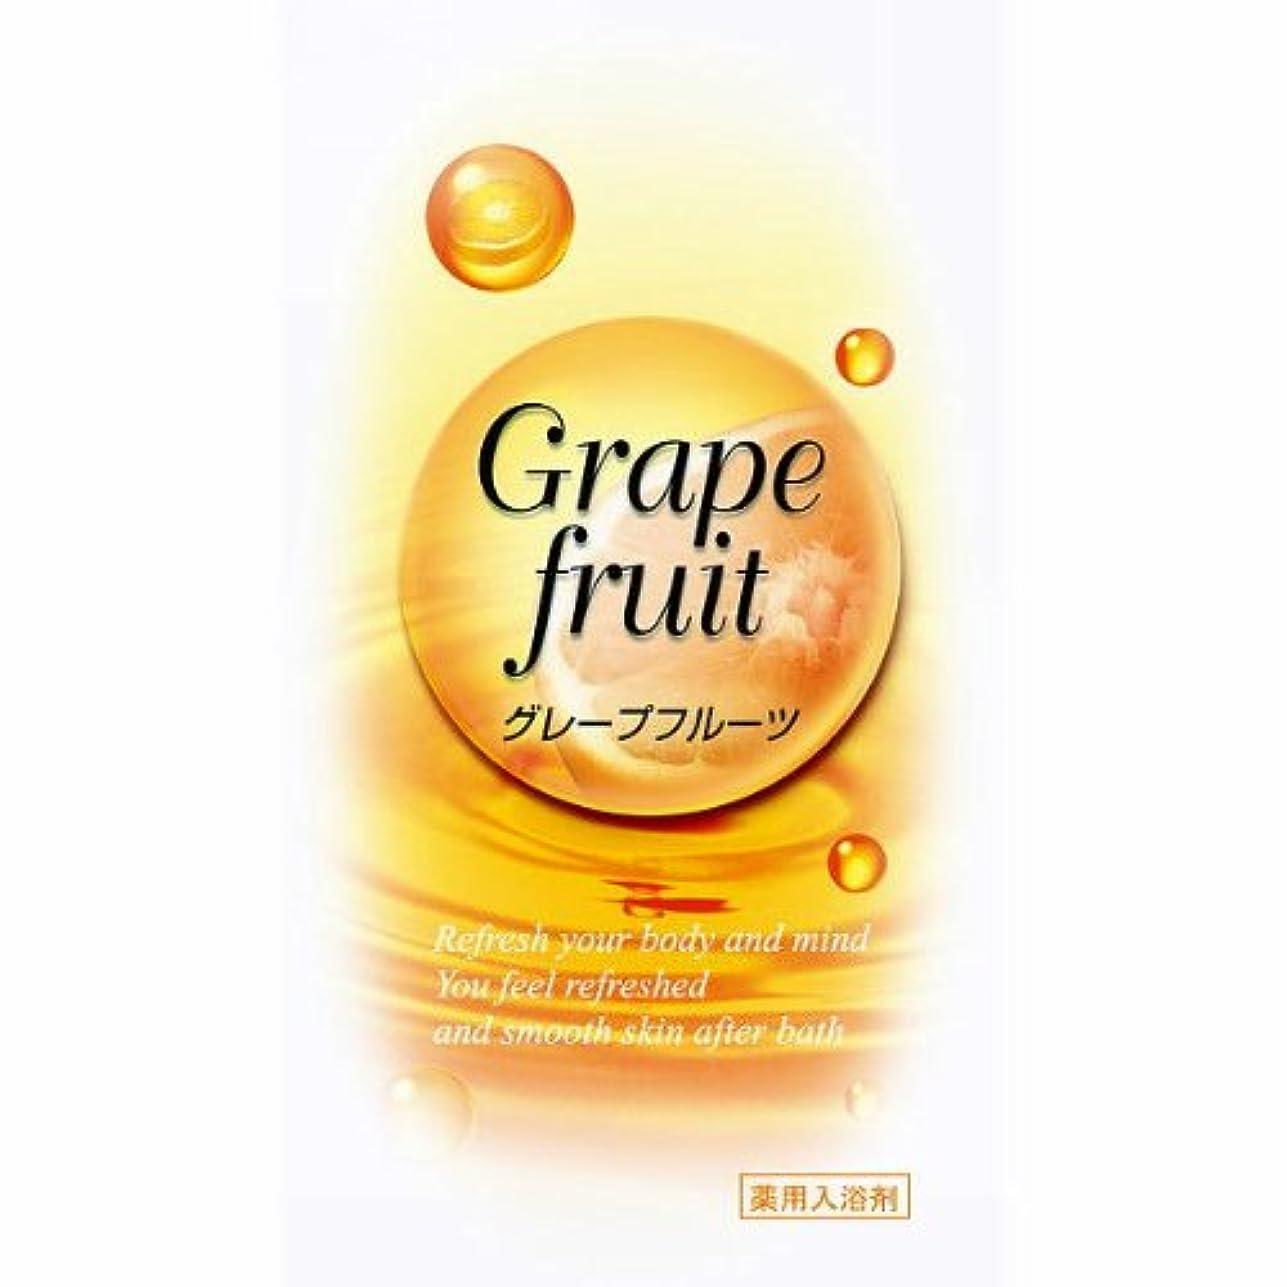 トプラン入浴剤 グレープフルーツの香り